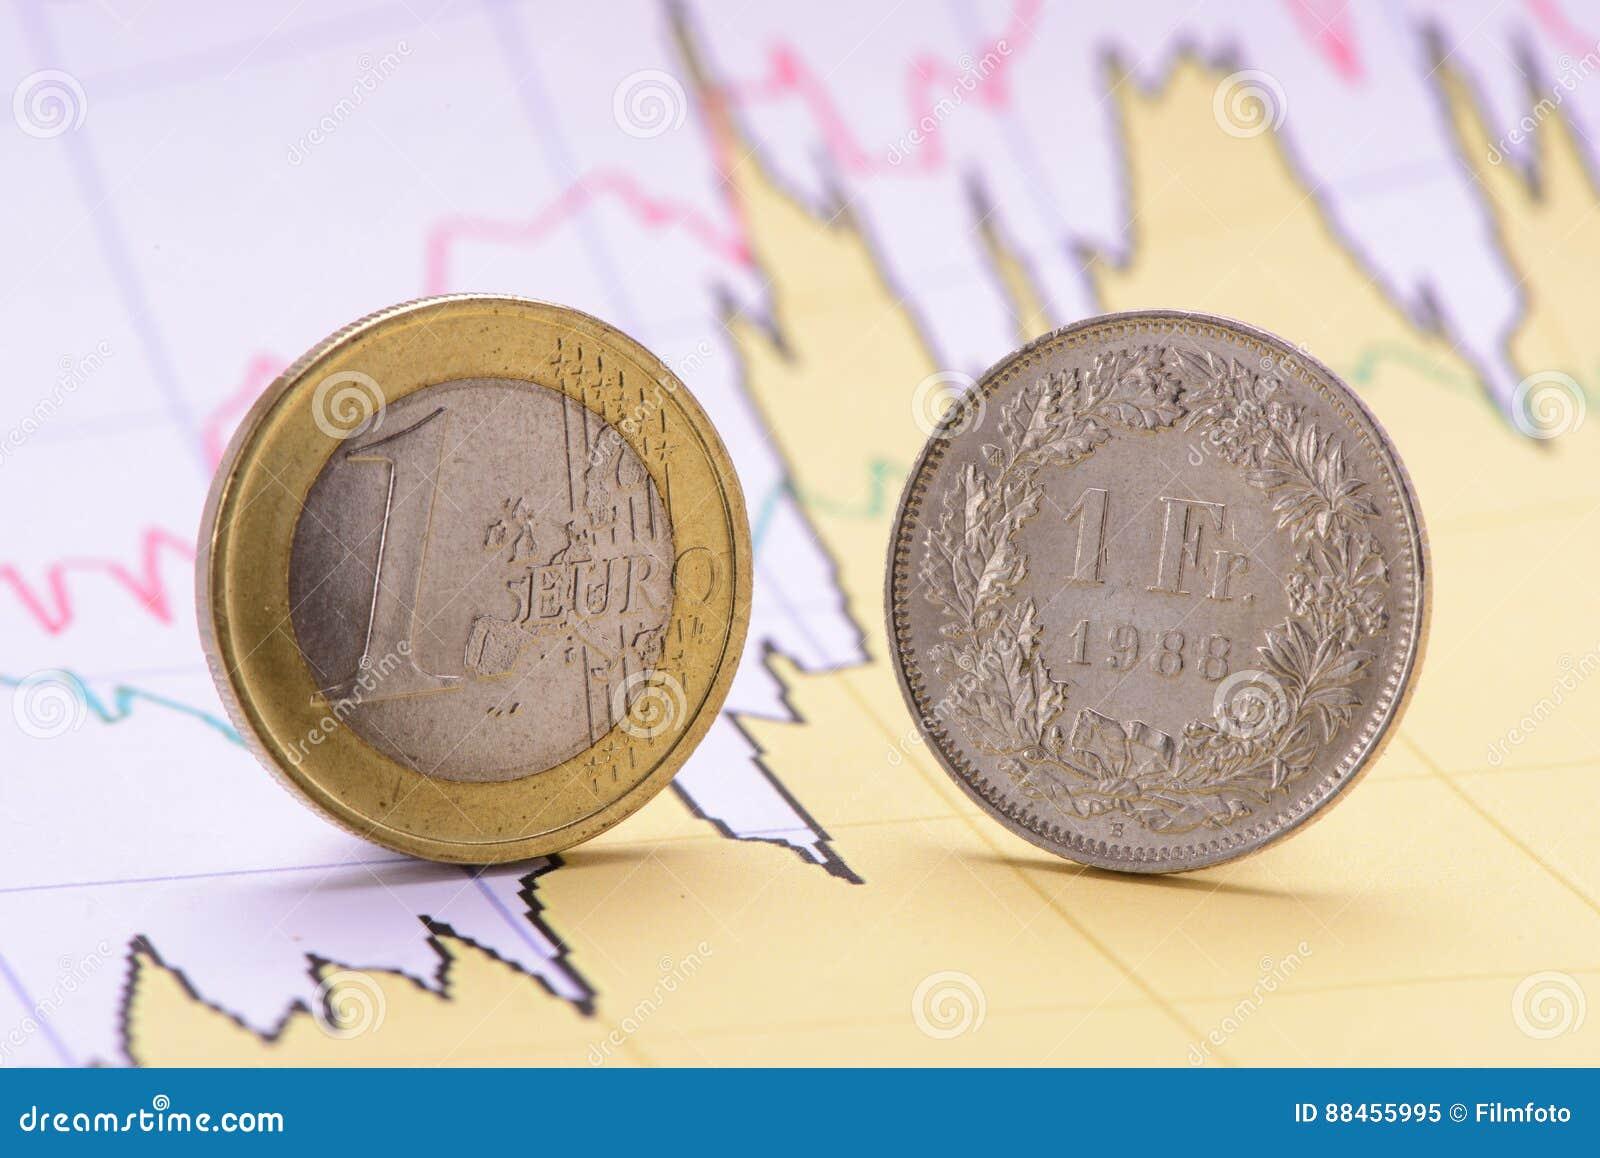 Münzen Des Schweizer Franken Und Des Euros Mit Diagramm Stockbild